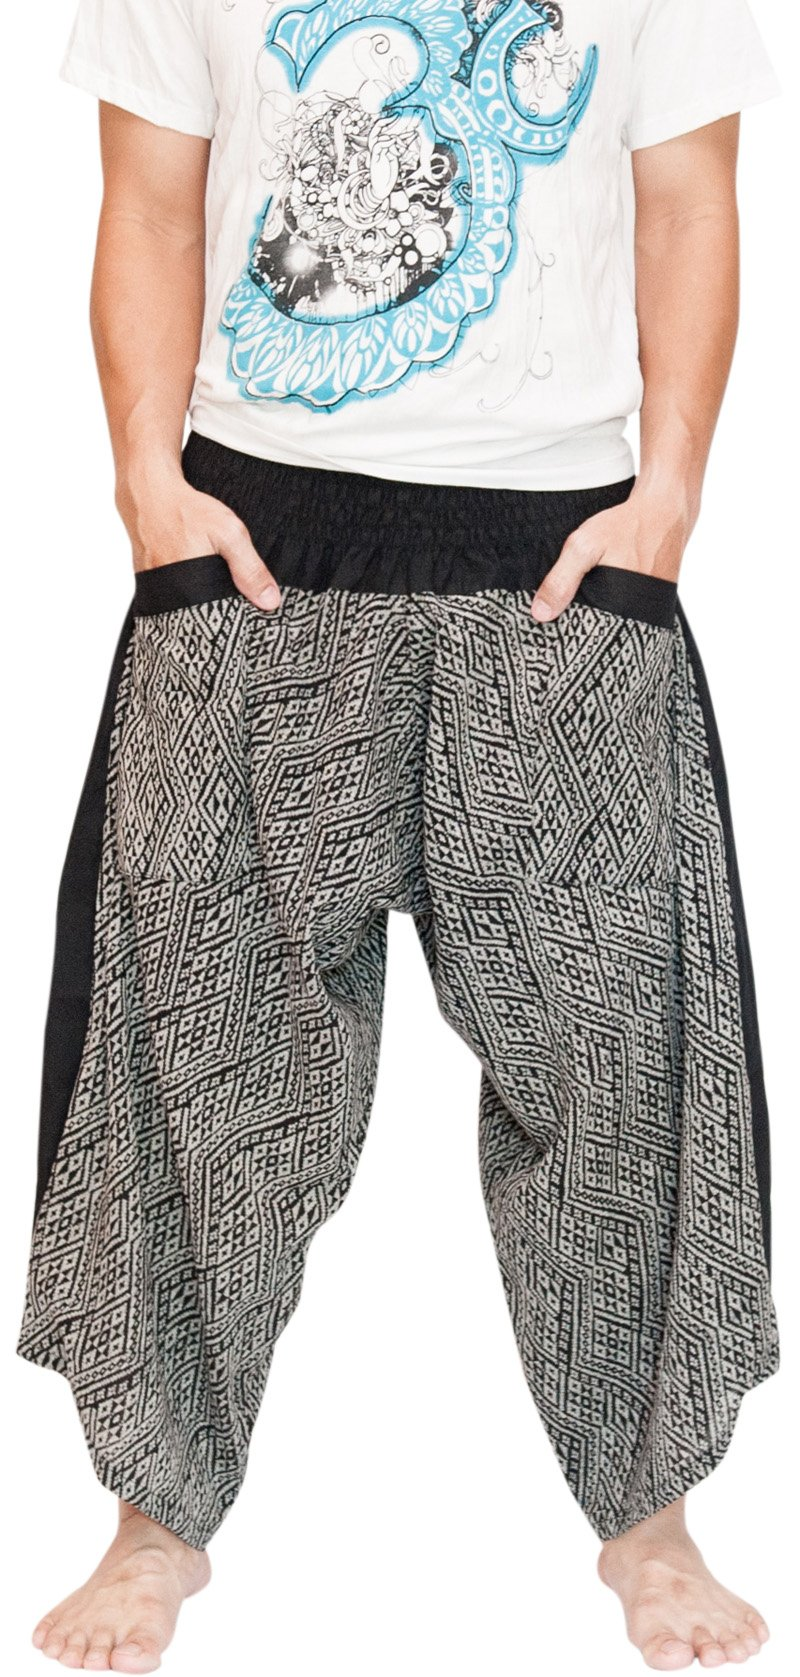 BohoHill Ninja Samurai Harem Pants Unisex Active Trousers Diamond Weaving Black by BohoHill